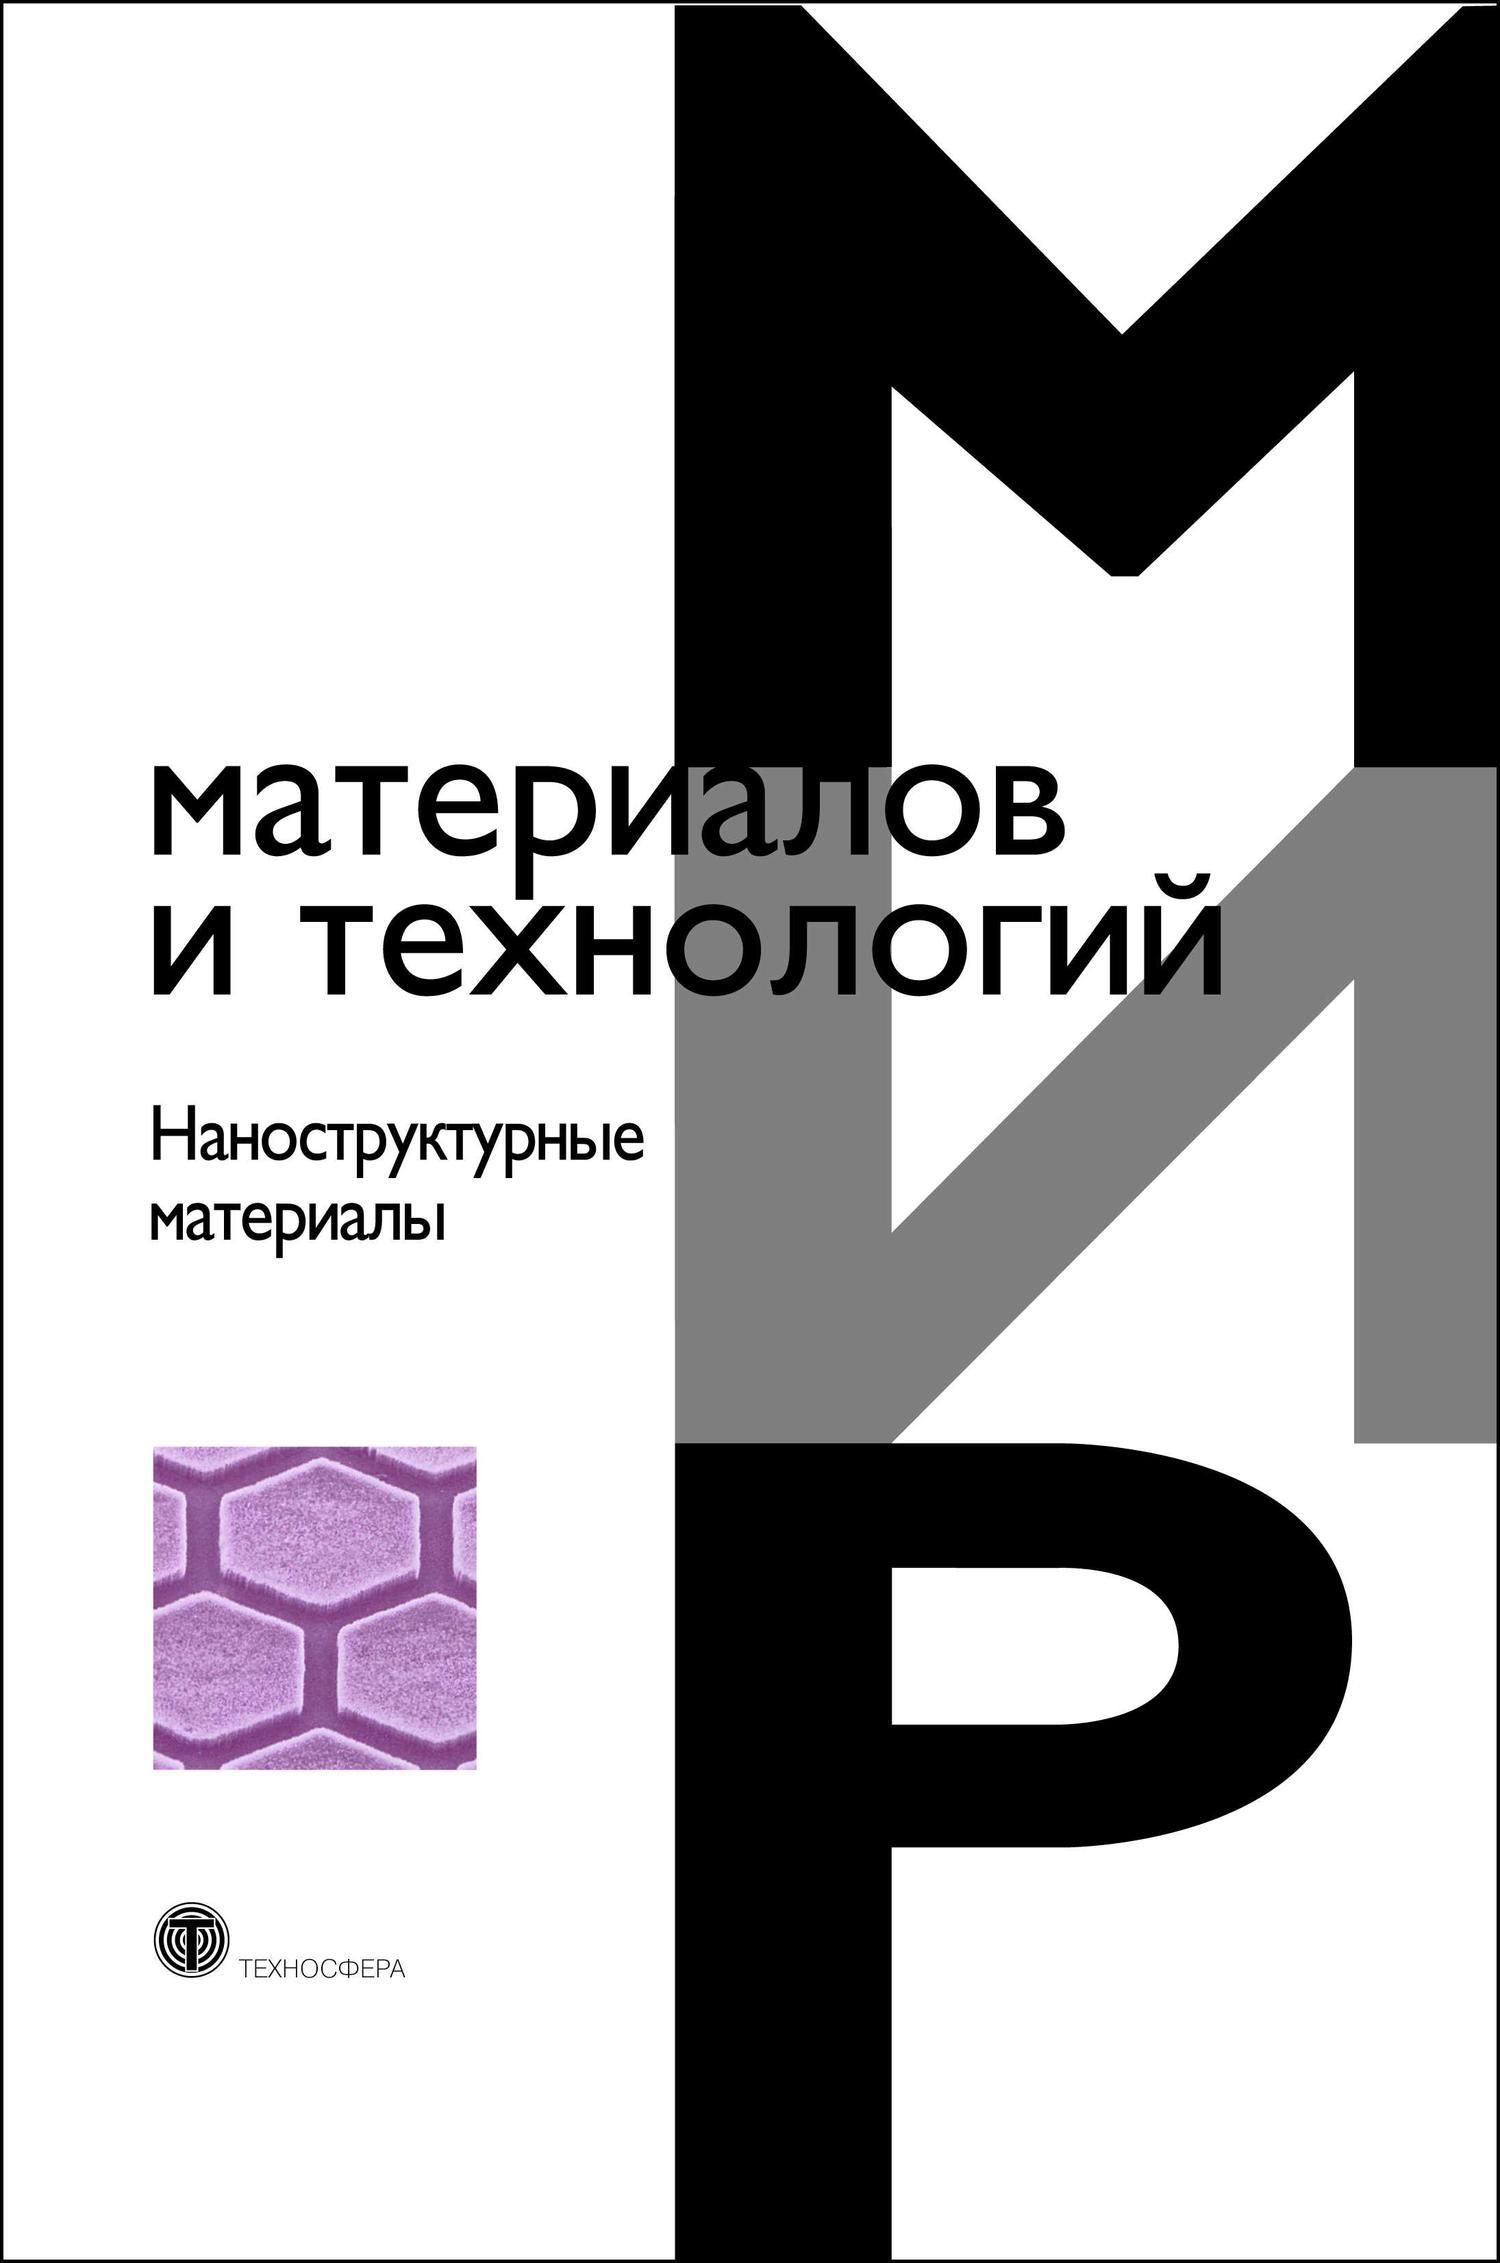 Коллектив авторов «Наноструктурные материалы»